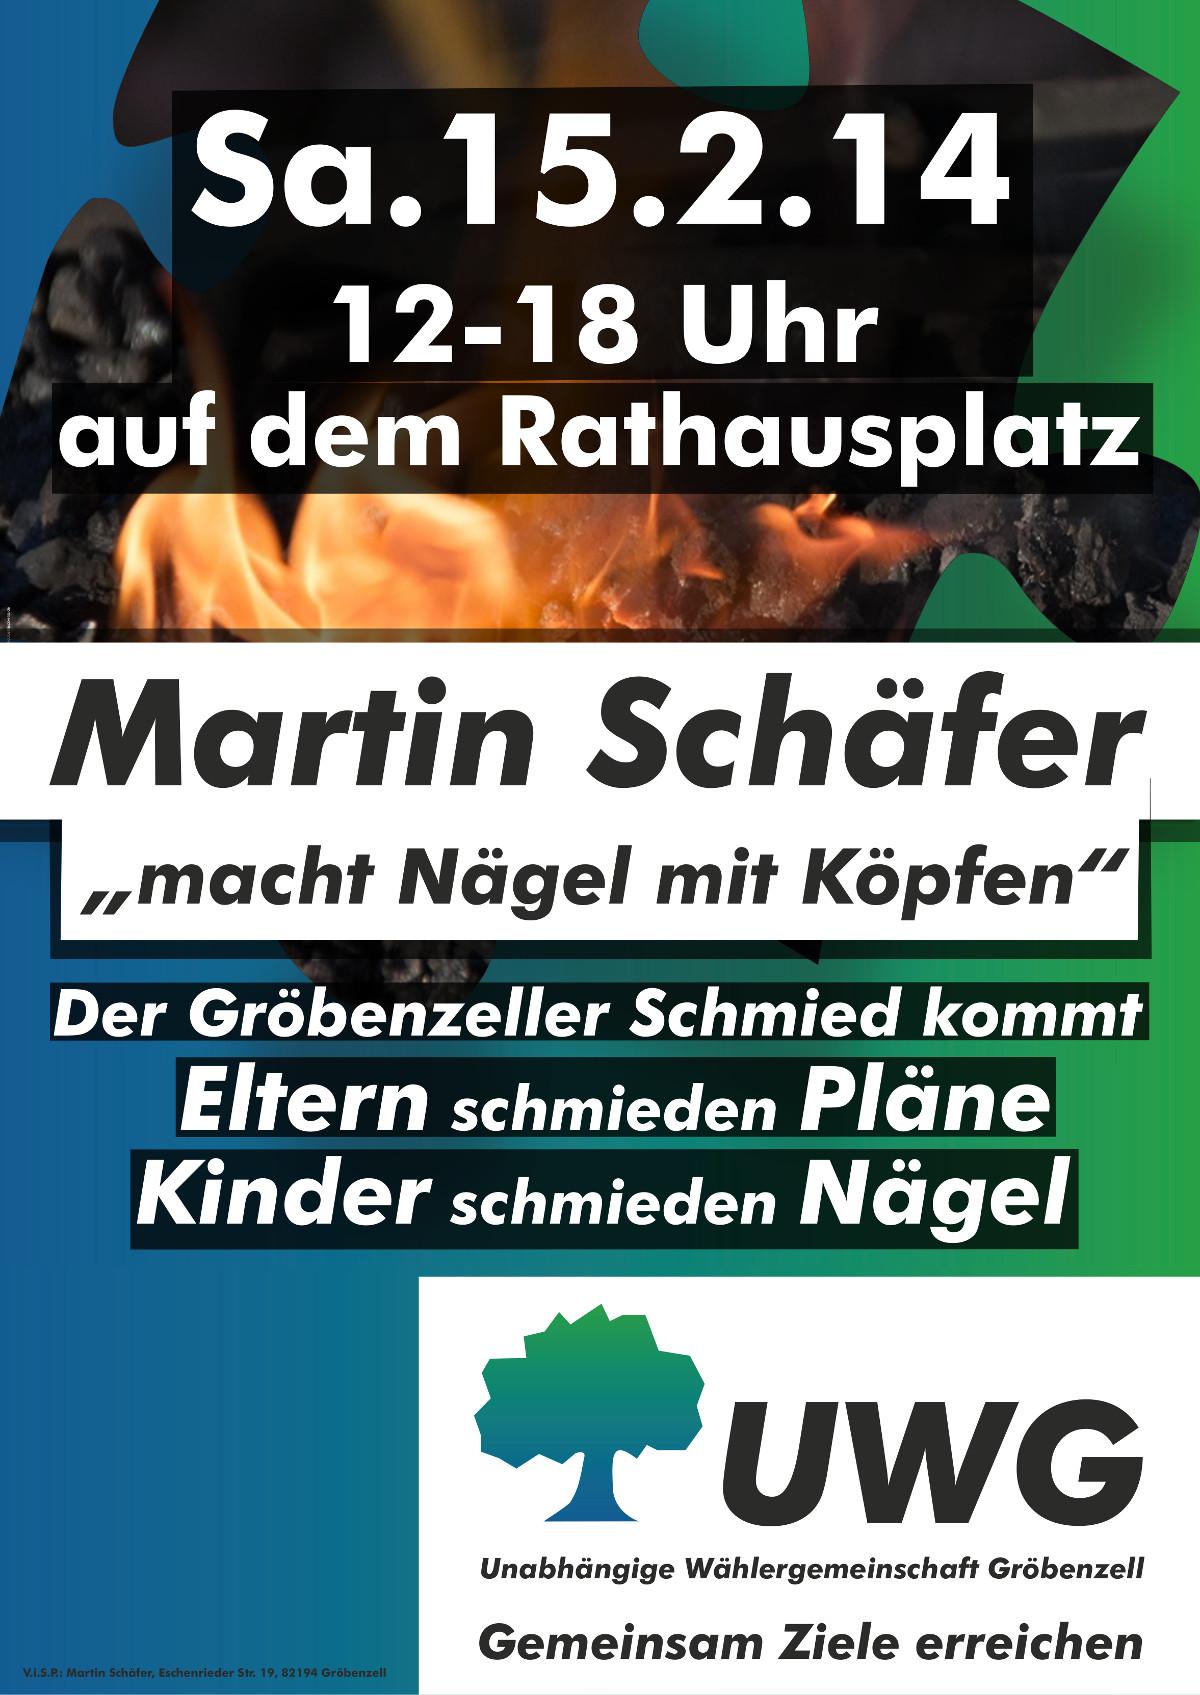 """Martin Schäfer """"macht Nägel mit Köpfen"""""""